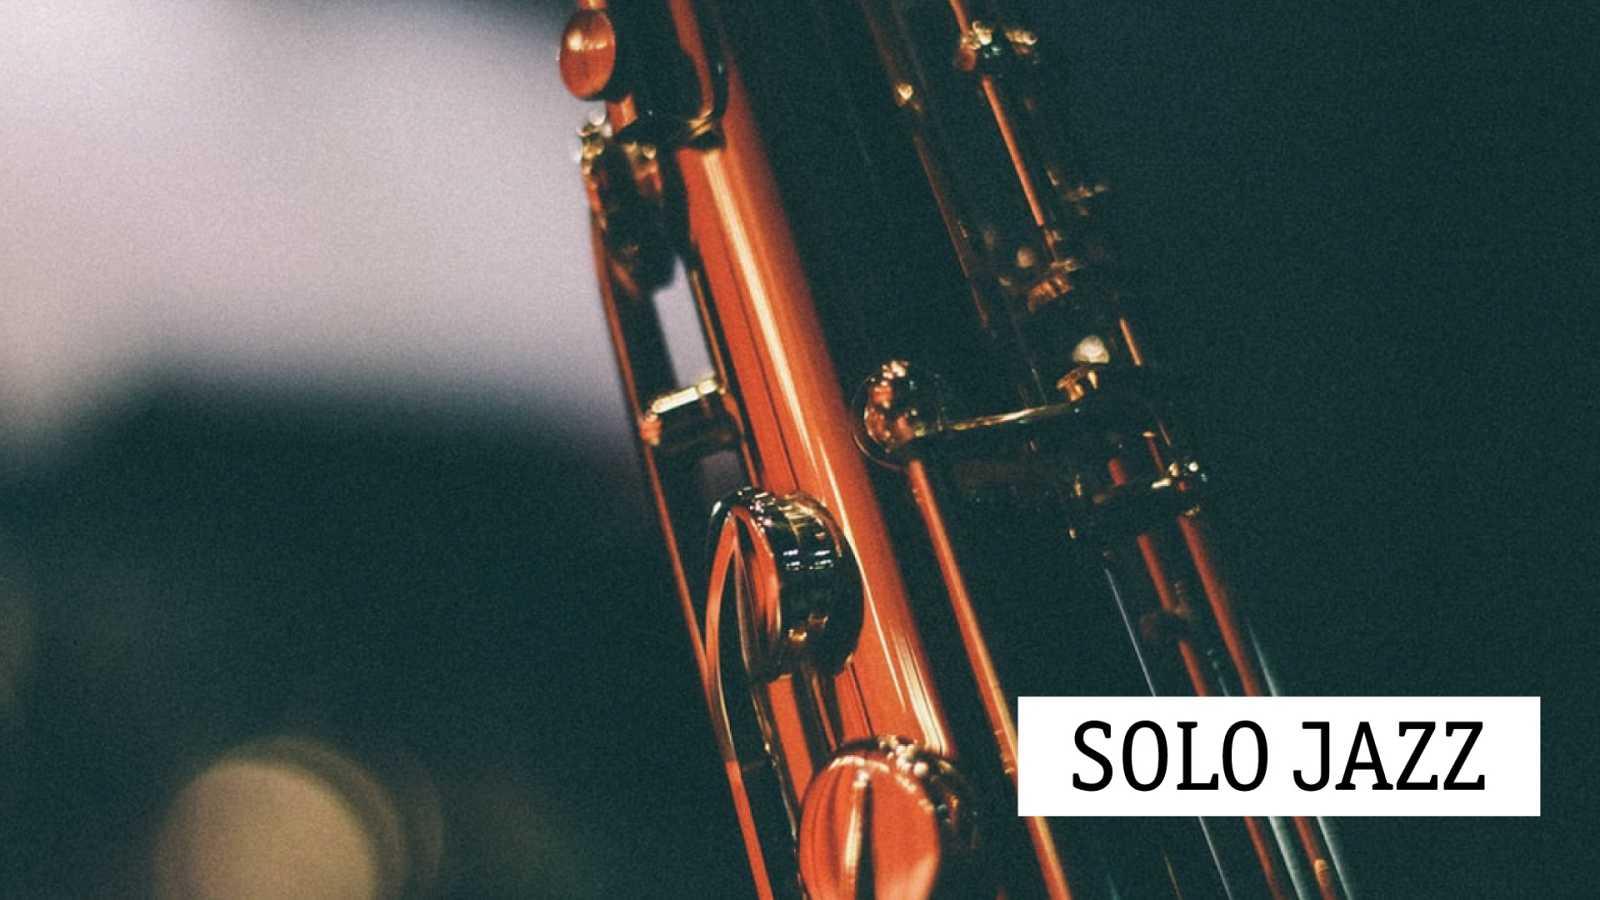 Solo jazz - El atractivo jazz de cámara de Oregon (I) - 10/05/21 - escuchar ahora